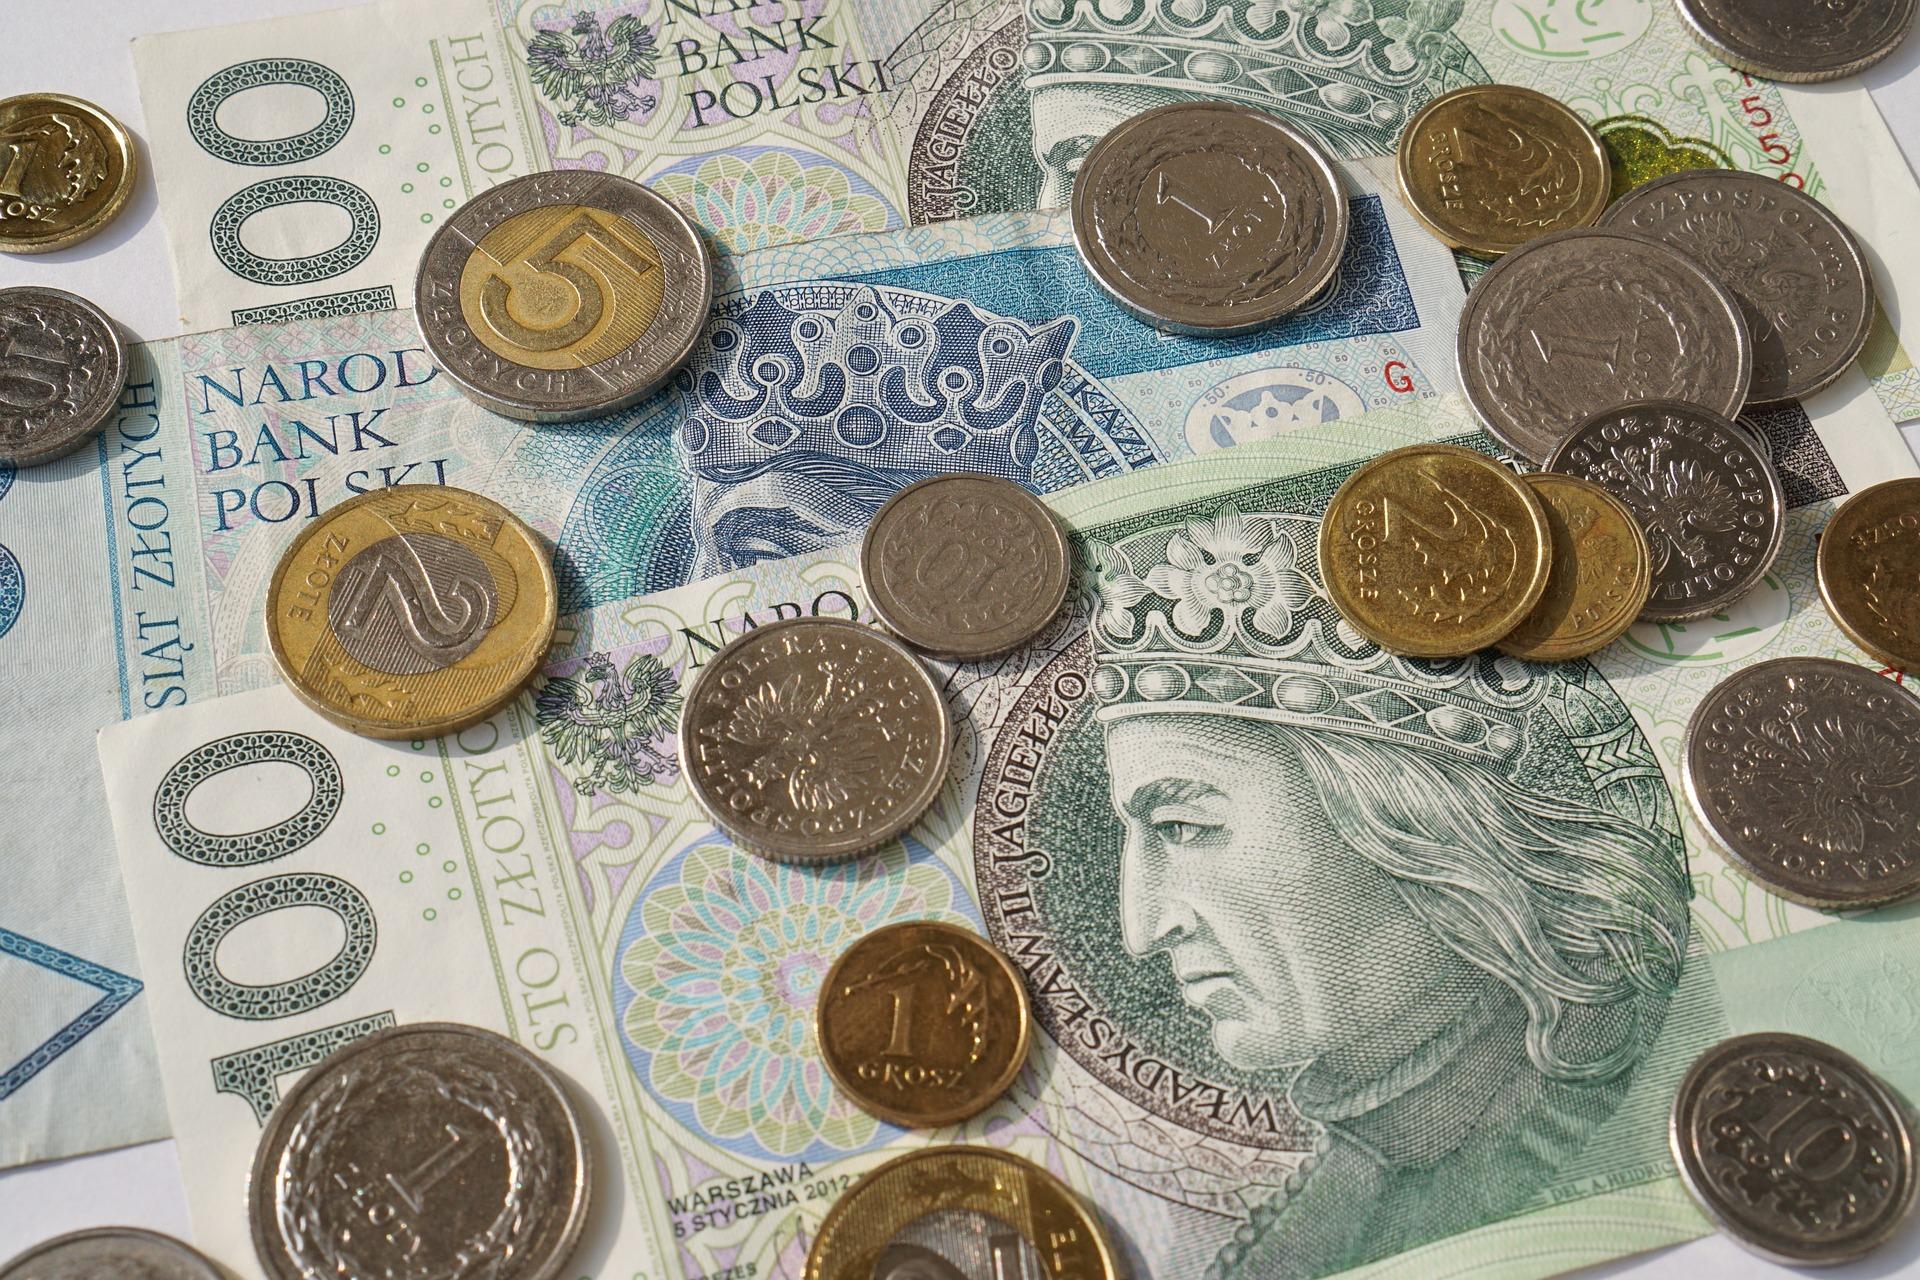 Ile zarobili Polacy w 2017 r.?